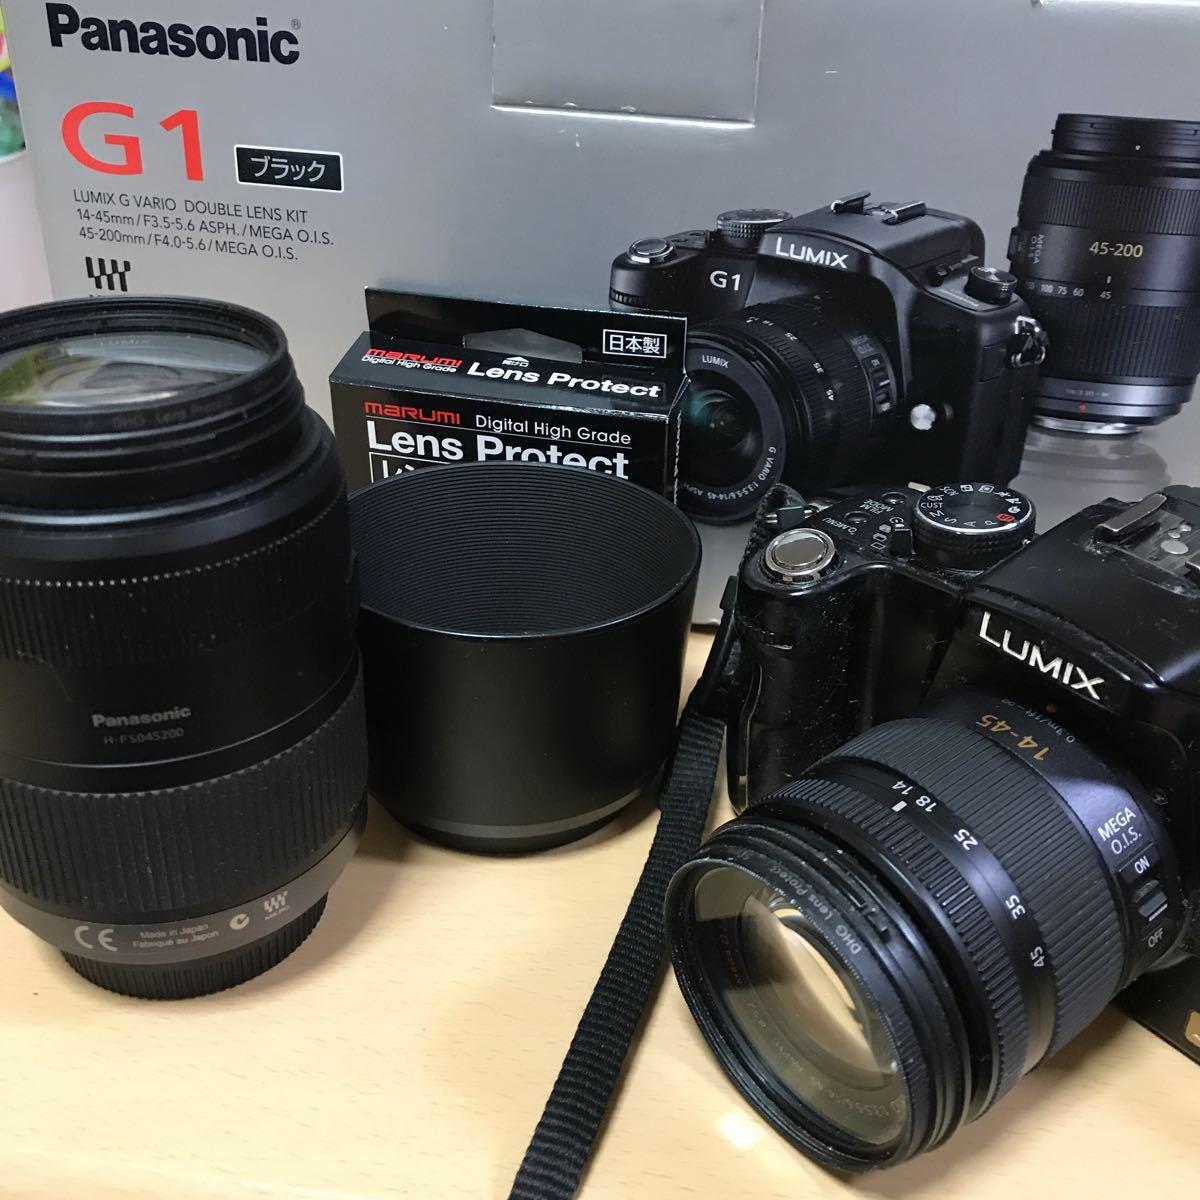 訳あり Panasonic パナソニック LUMIX G1 ダブルズームレンズキット DMC-G1W-K カメラ ミラーレス一眼 コンフォートブラック K3707718